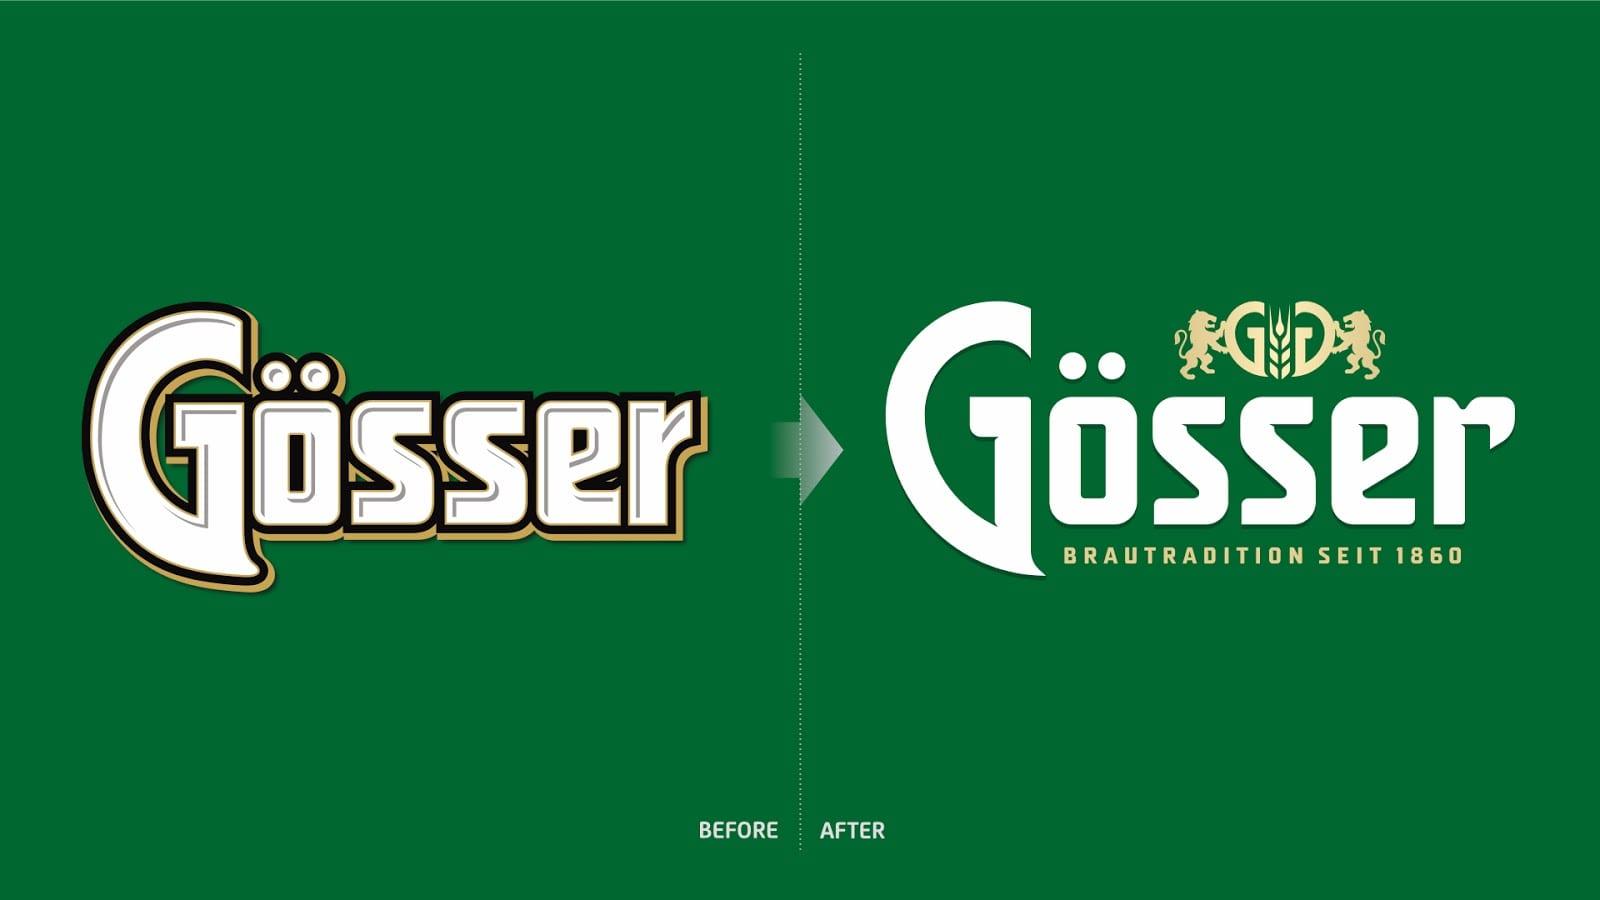 gosser 02 logomigration - Vizuální redesign rakouské značky Gösser